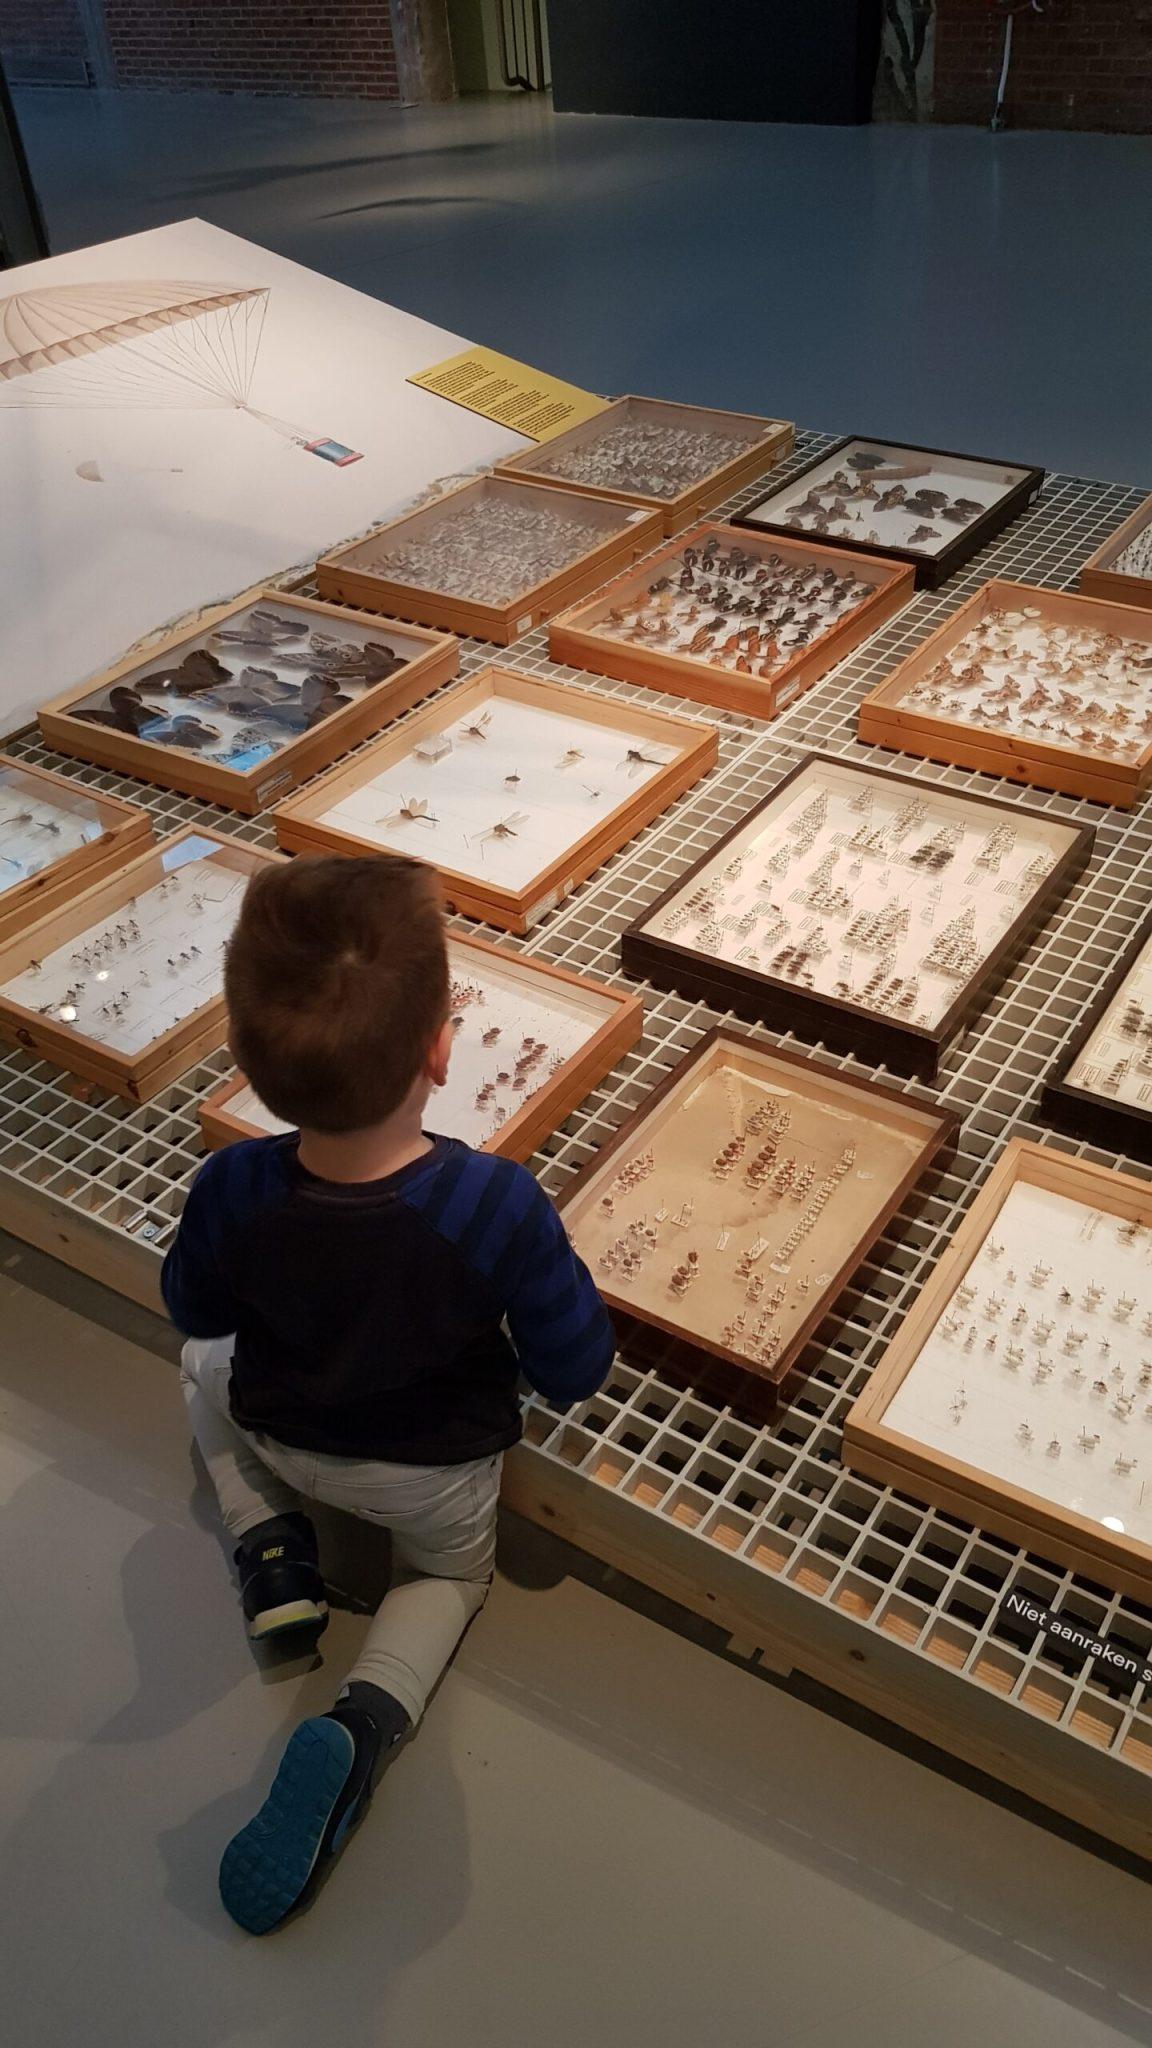 museumfabriek-enschede-kinderen-kidsproof-museum